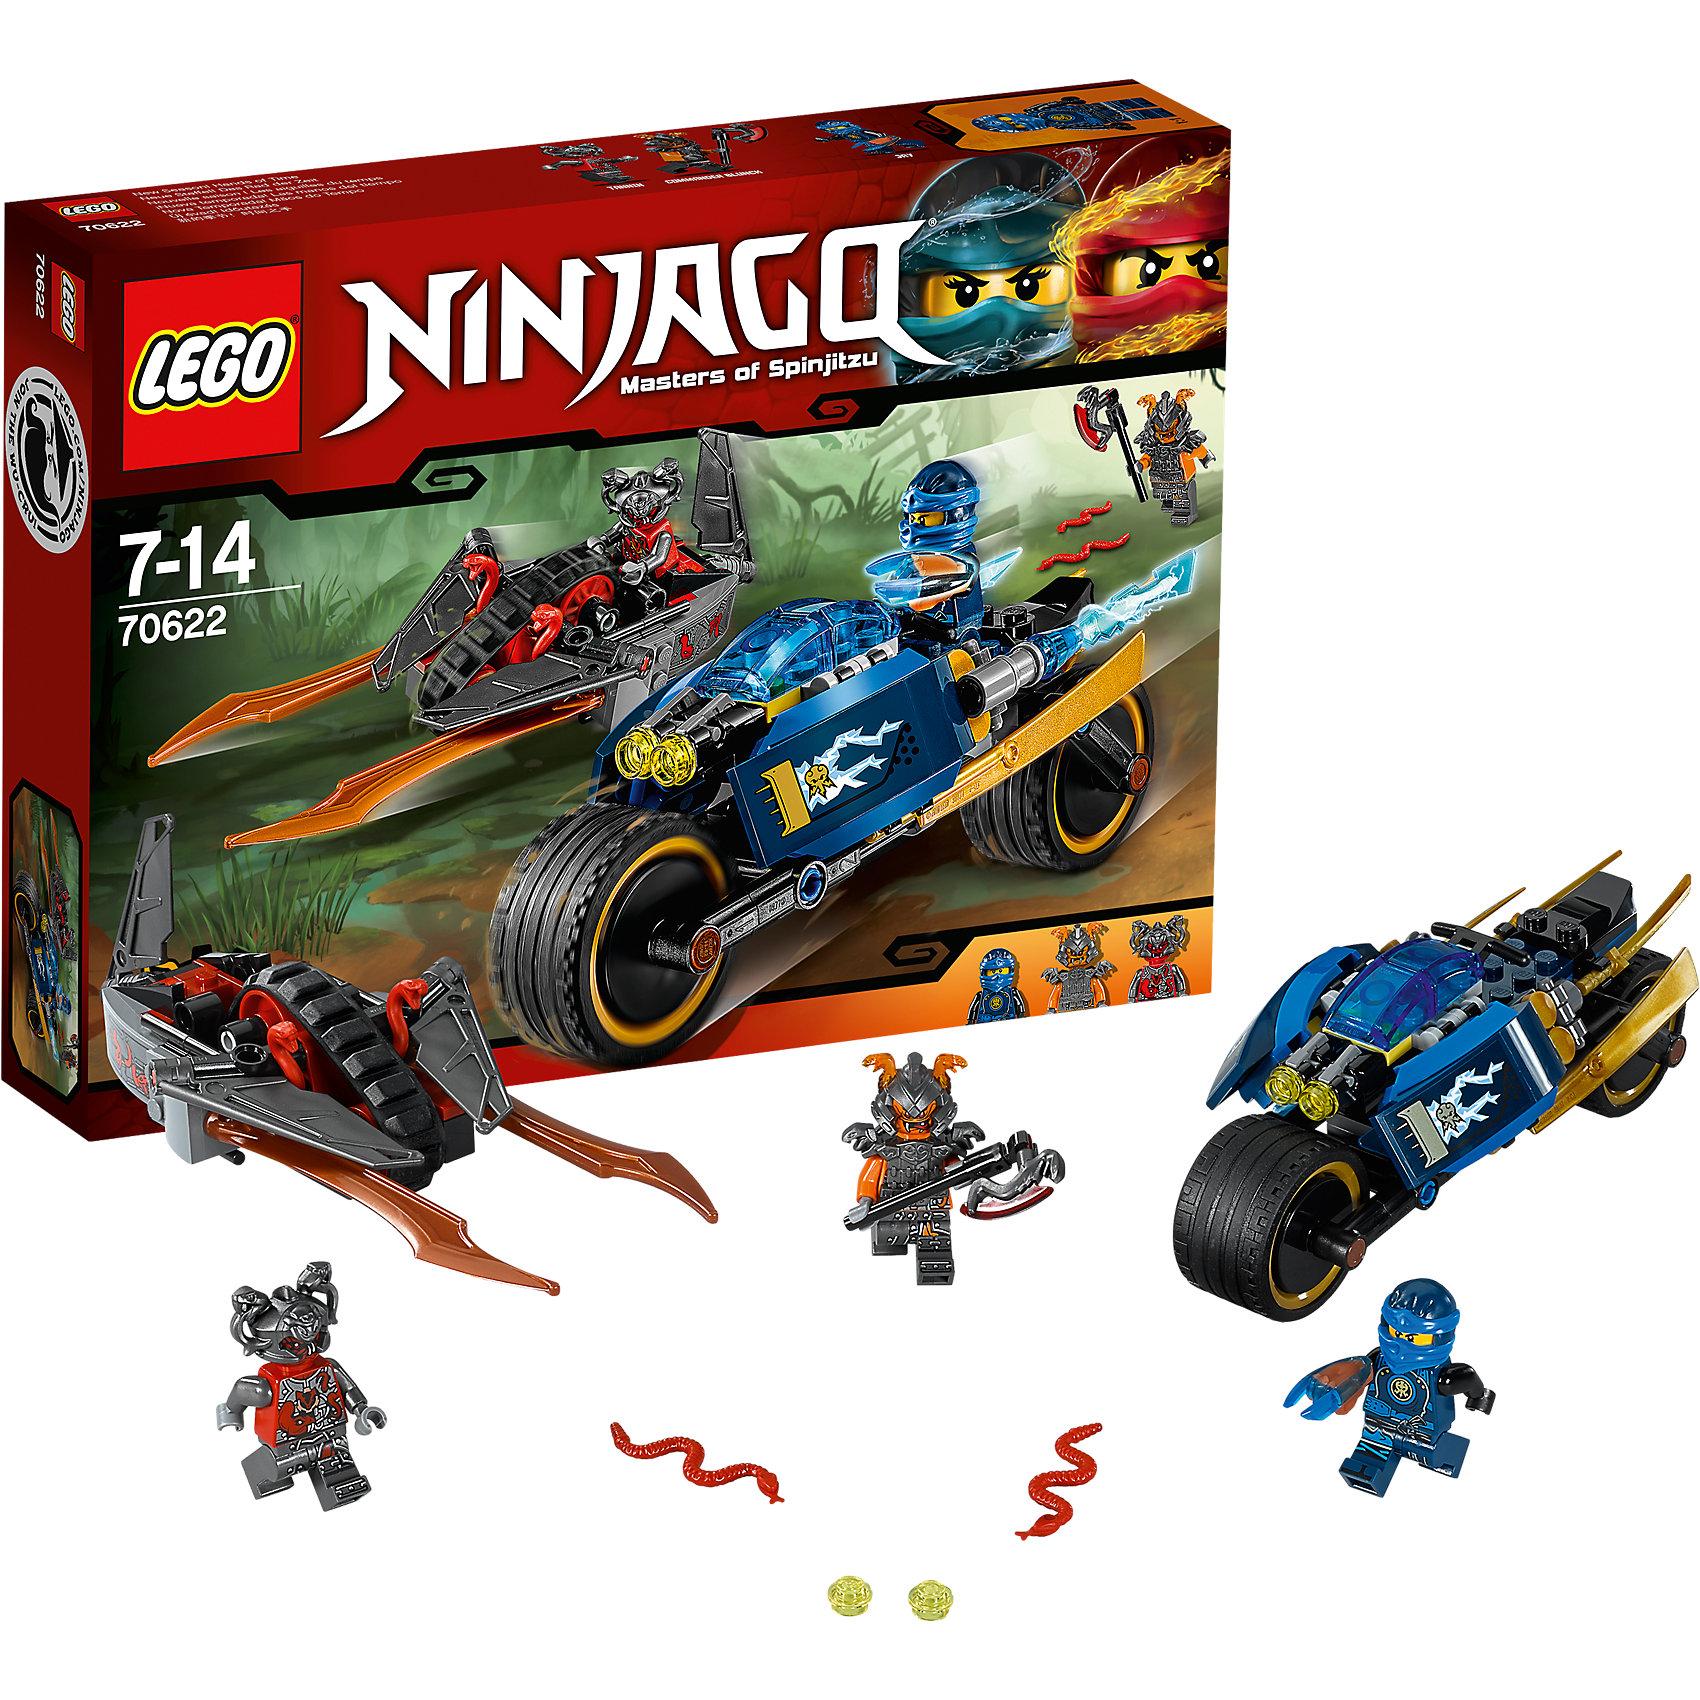 LEGO NINJAGO 70622: Пустынная молнияLEGO NINJAGO 70622: Пустынная молния<br><br>Характеристики:<br><br>- в набор входит: детали двух транспортных средств, 3 минифигурки, 1 клинок времени, аксессуары, красочная инструкция по сборке<br>- минифигурки набора: Джей, командир Бланк, Таннин<br>- состав: пластик<br>- количество деталей: 201<br>- размер Пустынной молнии: 15 * 5 * 6 см. <br>- размер машины вермиллионов: 18 * 6 * 8 см.<br>- для детей в возрасте: от 7 до 14 лет<br>- Страна производитель: Дания/Китай/Чехия<br><br>Легендарный конструктор LEGO (ЛЕГО) представляет серию «NINJAGO» (Ниндзяго) - это увлекательный мир воинов ниндзя против зла. Ребенку понравятся разнообразие приключений и возможности новых игр. <br><br>Джей представлен в своем новом, более детализированном кимоно, его синие цвета и необыкновенная маска ему очень идут. Злодей командир Бланк представлен в тяжелом доспехе, на его шлеме расположены две змеи, под доспехами фигурка разрисована и все еще выглядит угрожающе, у фигурки два выражения лица. Второй злодей, Таннин, выступает в объемном шлеме и с большим топором, у него также два лица. Пустынная молния Джея представлена в тон его костюма, на мотоцикле расположены две фронтальные пушки, стреляющие снарядами. Из выхлопных труб вырываются синие языки пламени. По бокам мотоцикл защищен золотыми клинками. Ниндзя вооружен клинком времени. <br><br>Транспортное средство злодеев двигается на гусенице, расположенной посередине. Спереди два длинных бронзовых клинка, средство может расправлять крылья и превращаться в летательный аппарат. Возле кабаны две красные устрашающие змеи. Помоги Джею применить клинок времени и победить злодеев Алой армии. <br><br>Играя с конструктором ребенок развивает моторику рук, воображение и логическое мышление, научится собирать по инструкции и создавать свои модели. Придумывайте новые истории любимых героев с набором LEGO «NINJAGO»!<br><br>Конструктор LEGO NINJAGO 70622: Пустынная молния можно купить в нашем интернет-магазине.<br